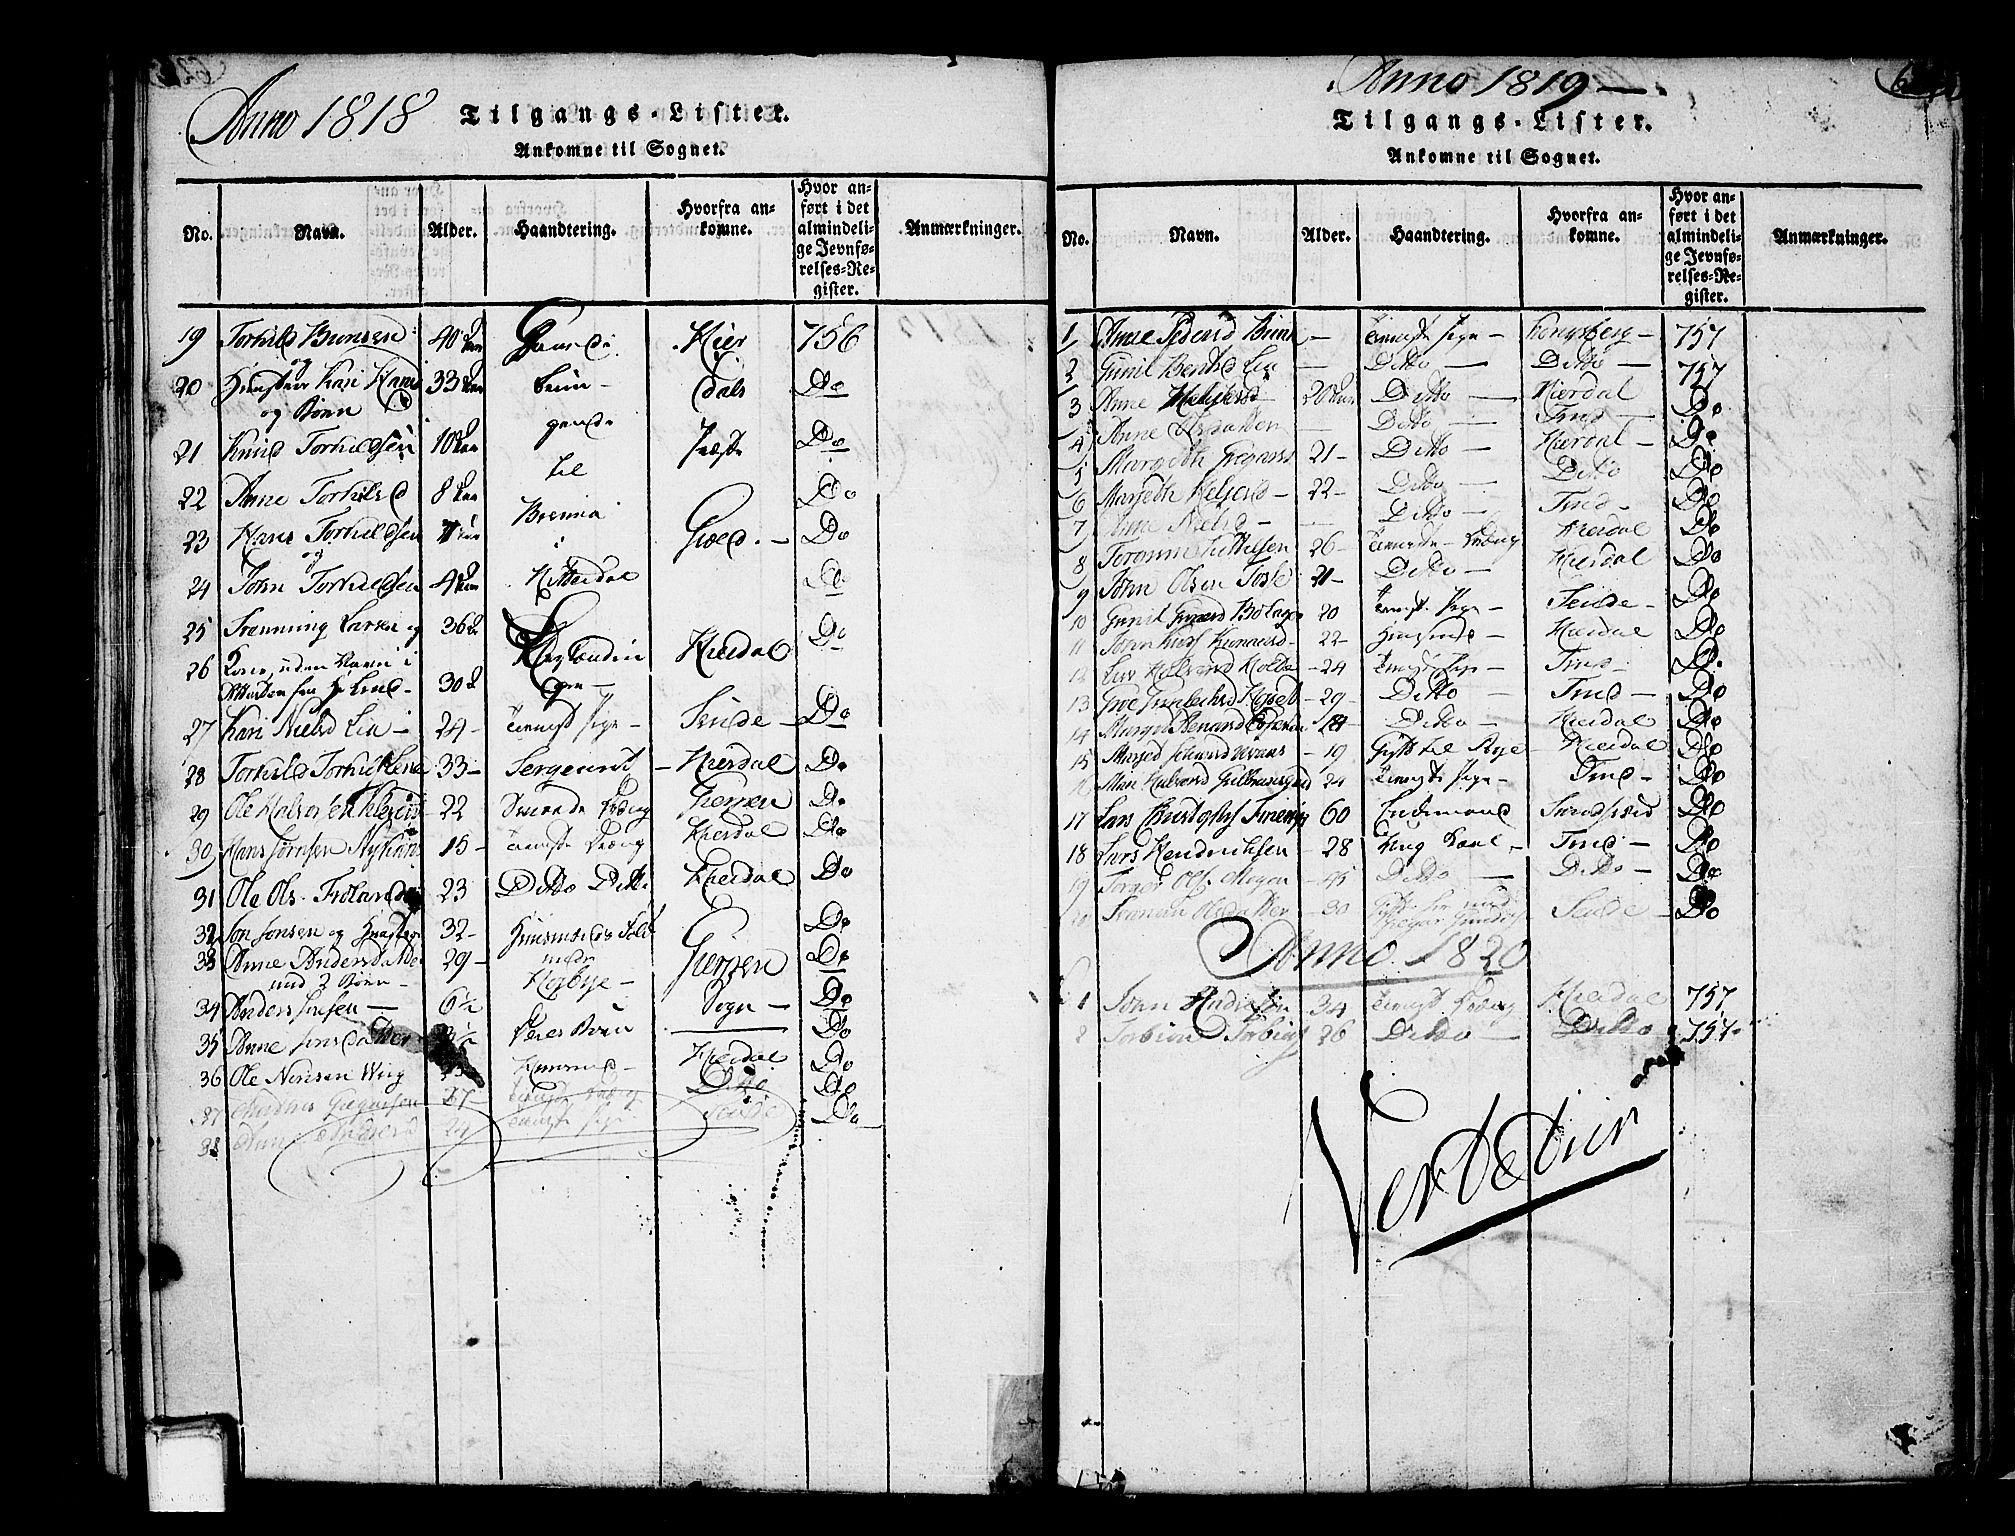 SAKO, Heddal kirkebøker, F/Fa/L0005: Ministerialbok nr. I 5, 1814-1837, s. 623-624